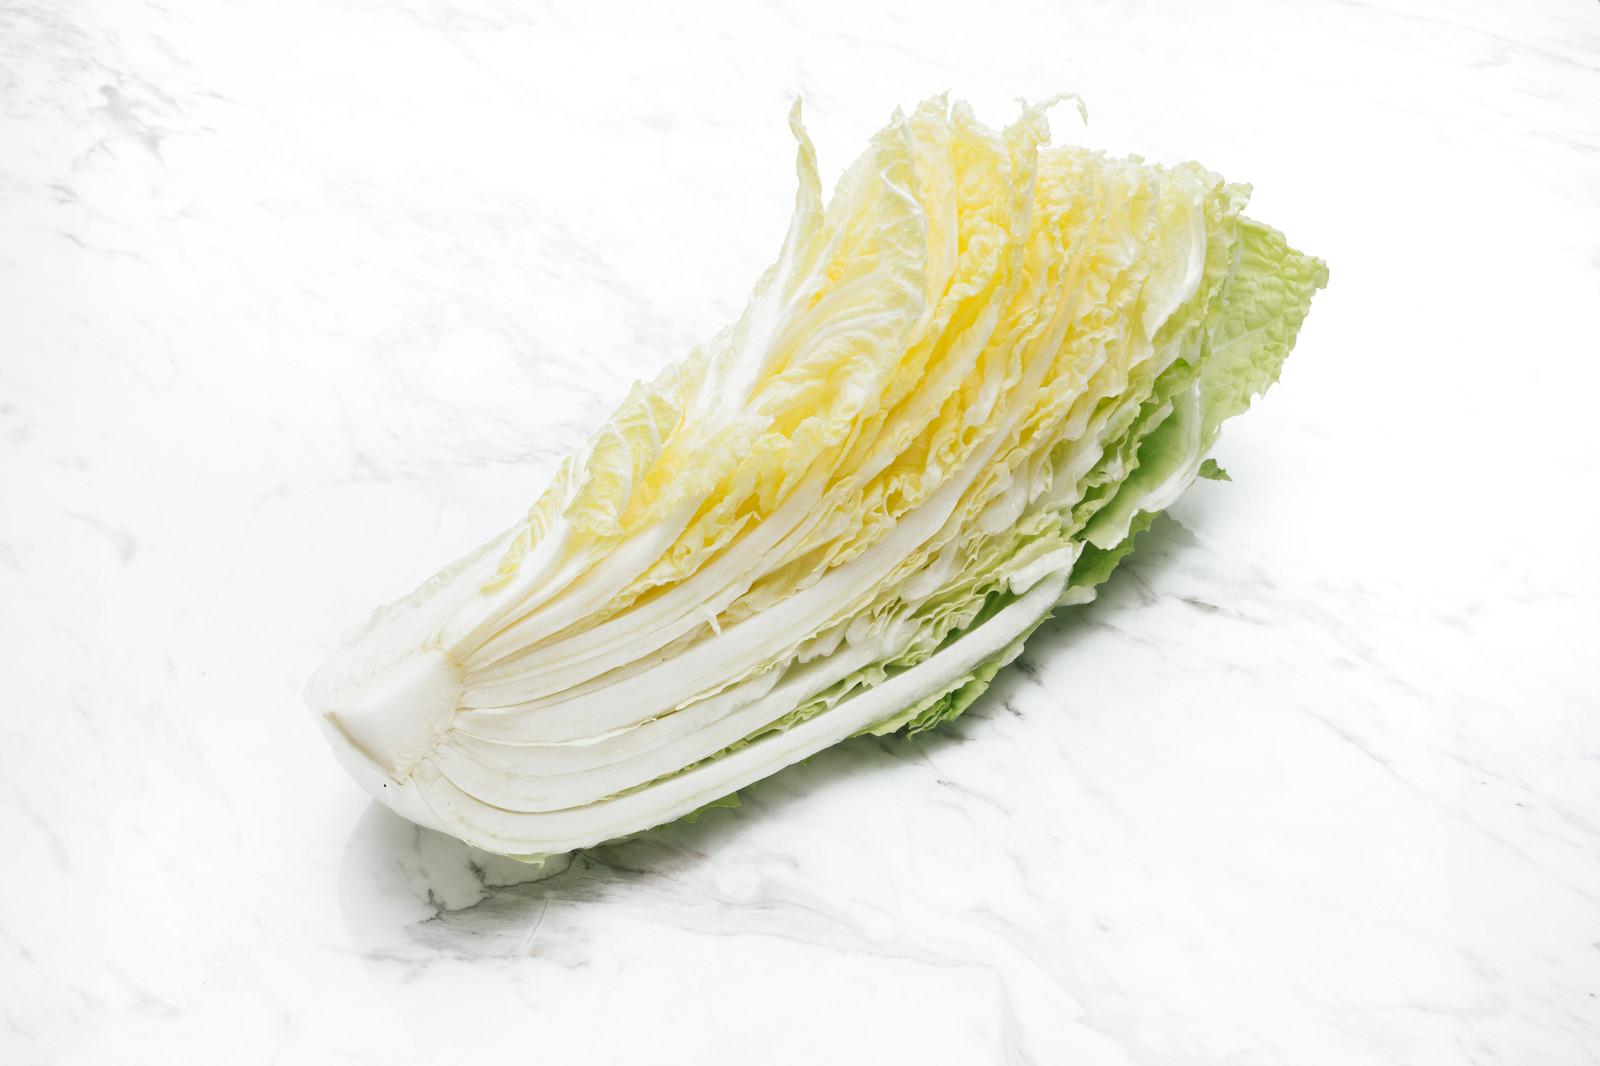 「白菜(食材)白菜(食材)」のフリー写真素材を拡大